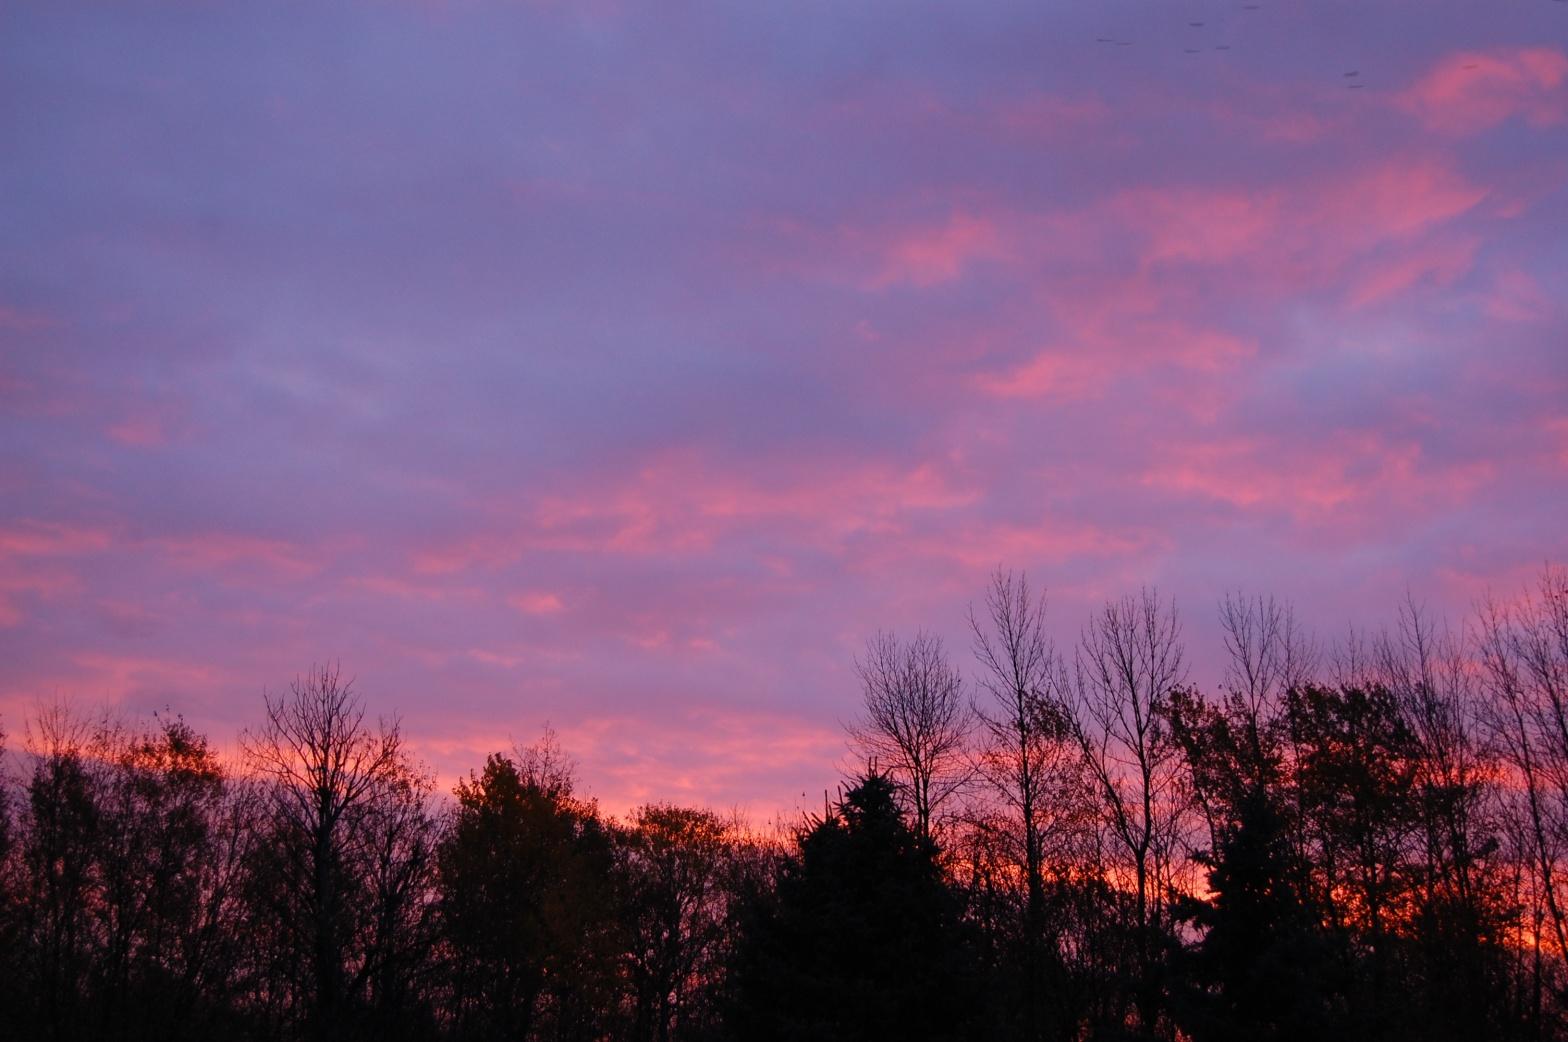 sunrise behind pine trees